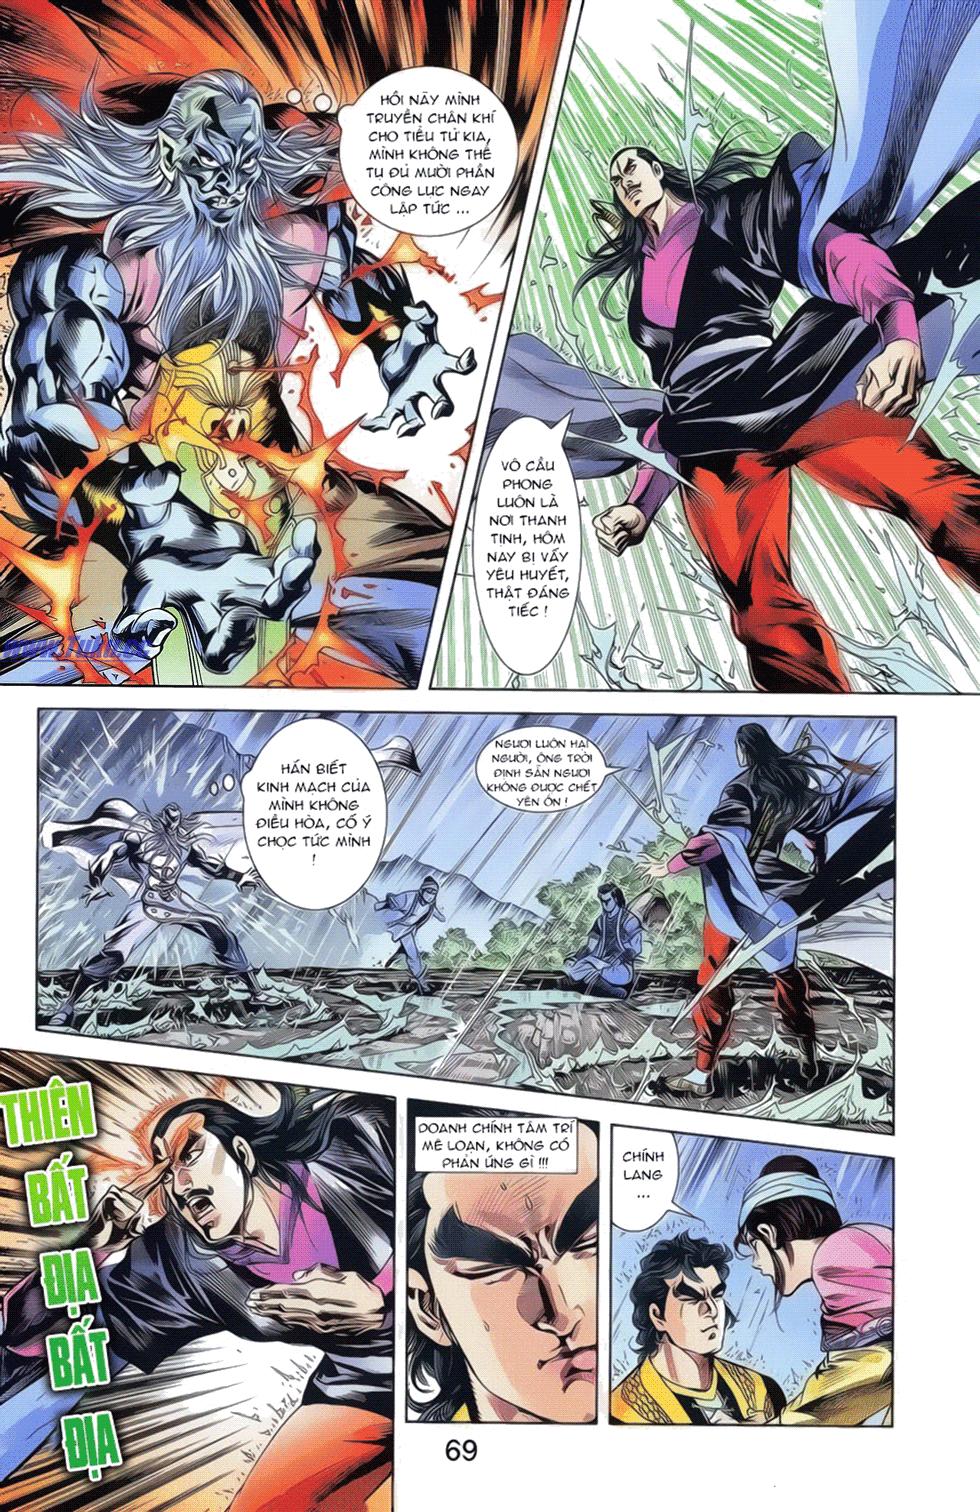 Tần Vương Doanh Chính chapter 19 trang 4